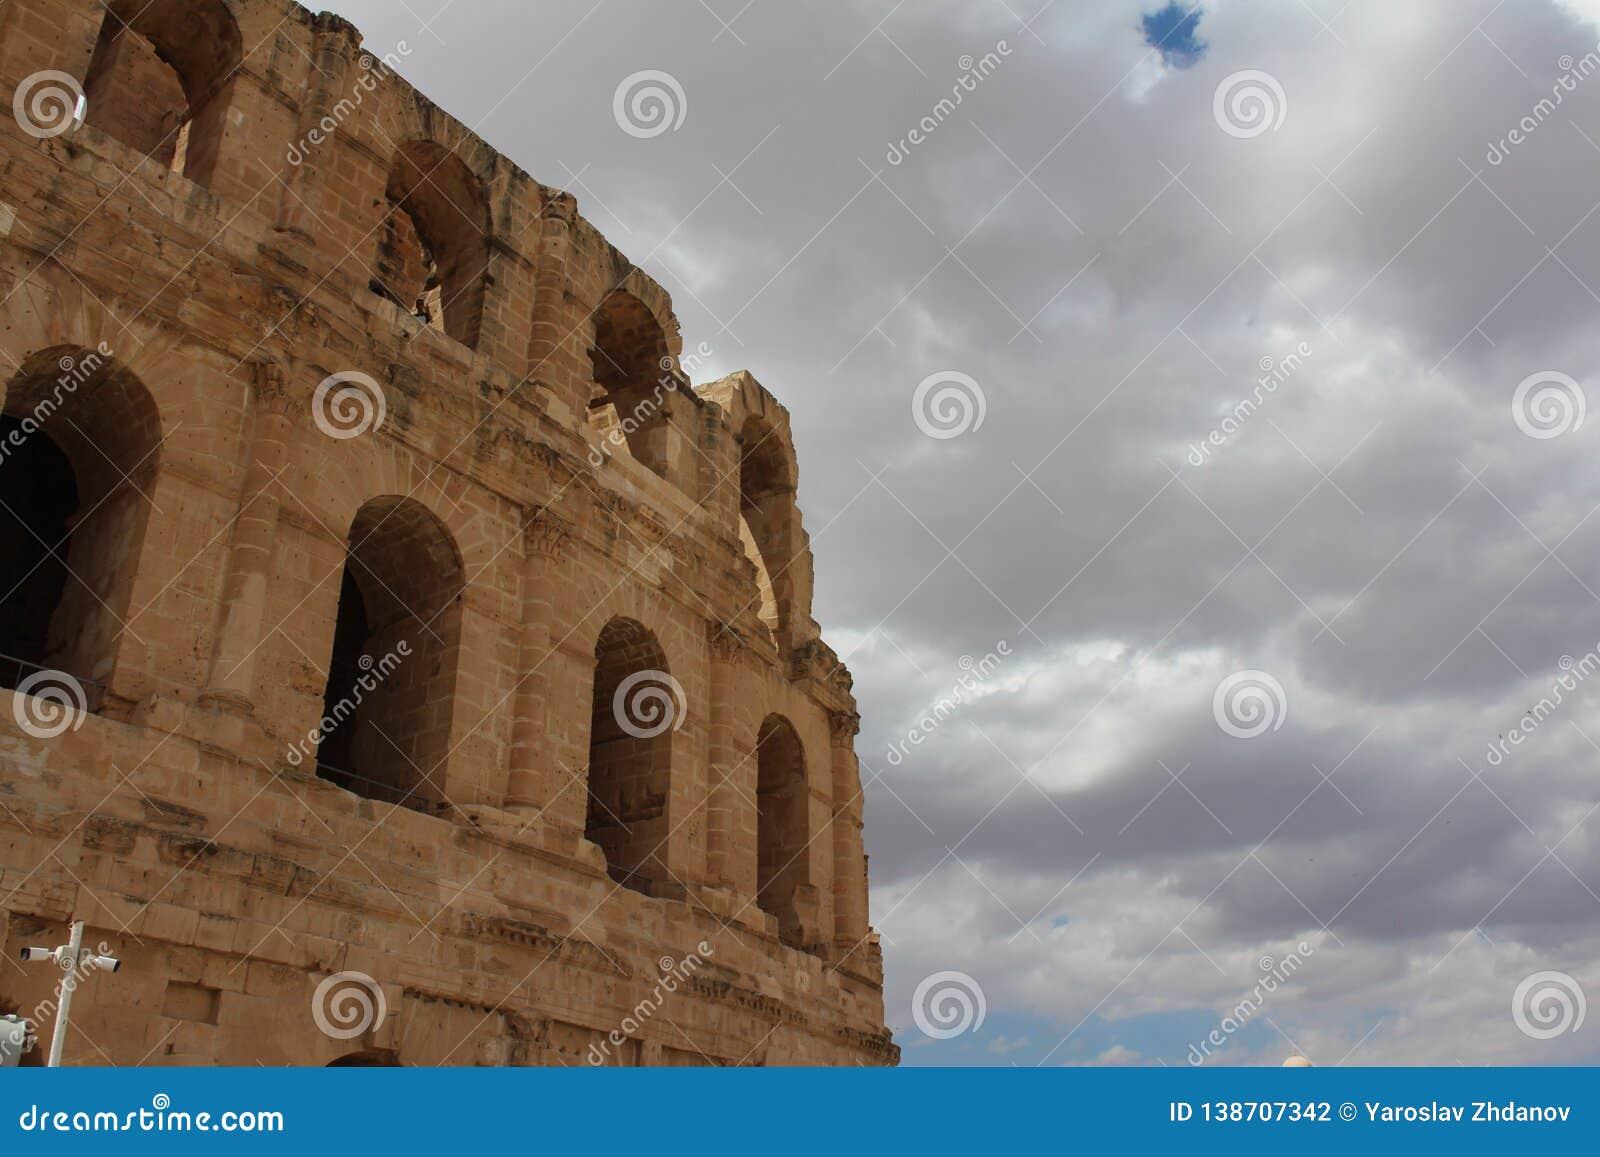 Den majestätiska Colosseumen på en bakgrund av molnig himmel